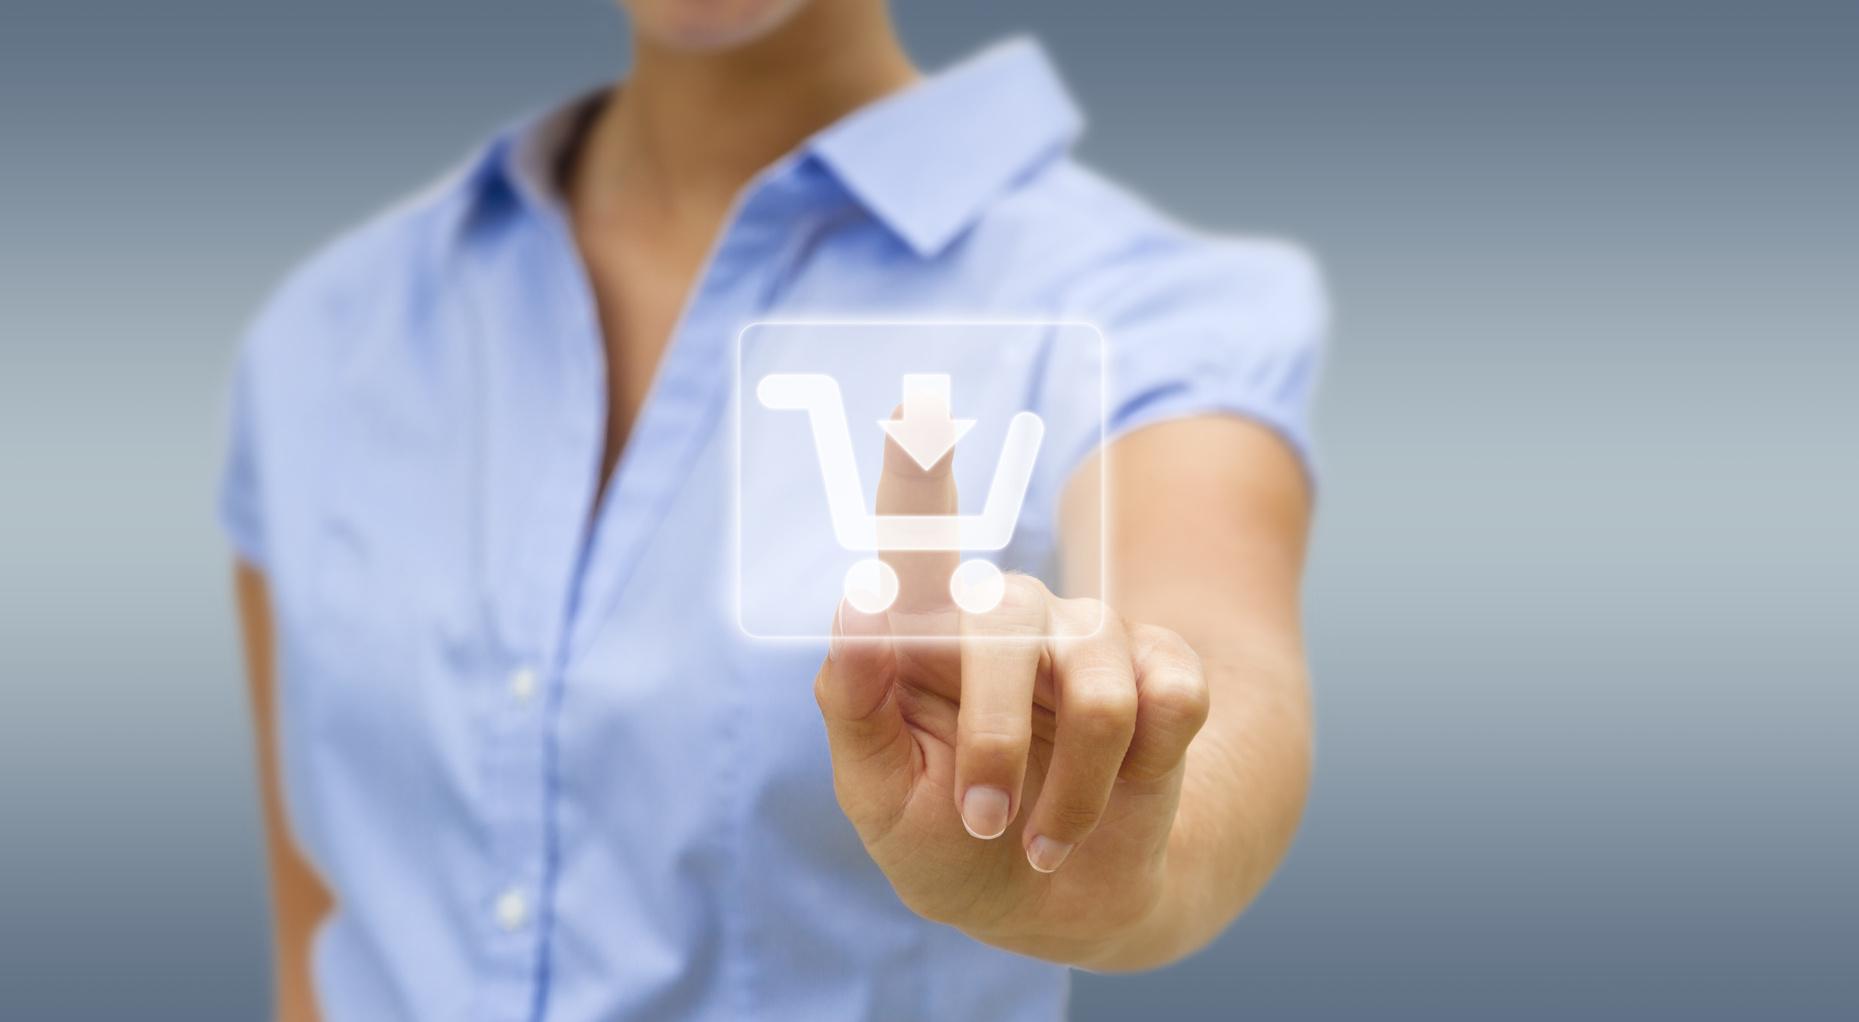 ¿Cómo cumplir con la normativa de protección de datos al crear tu tienda online?